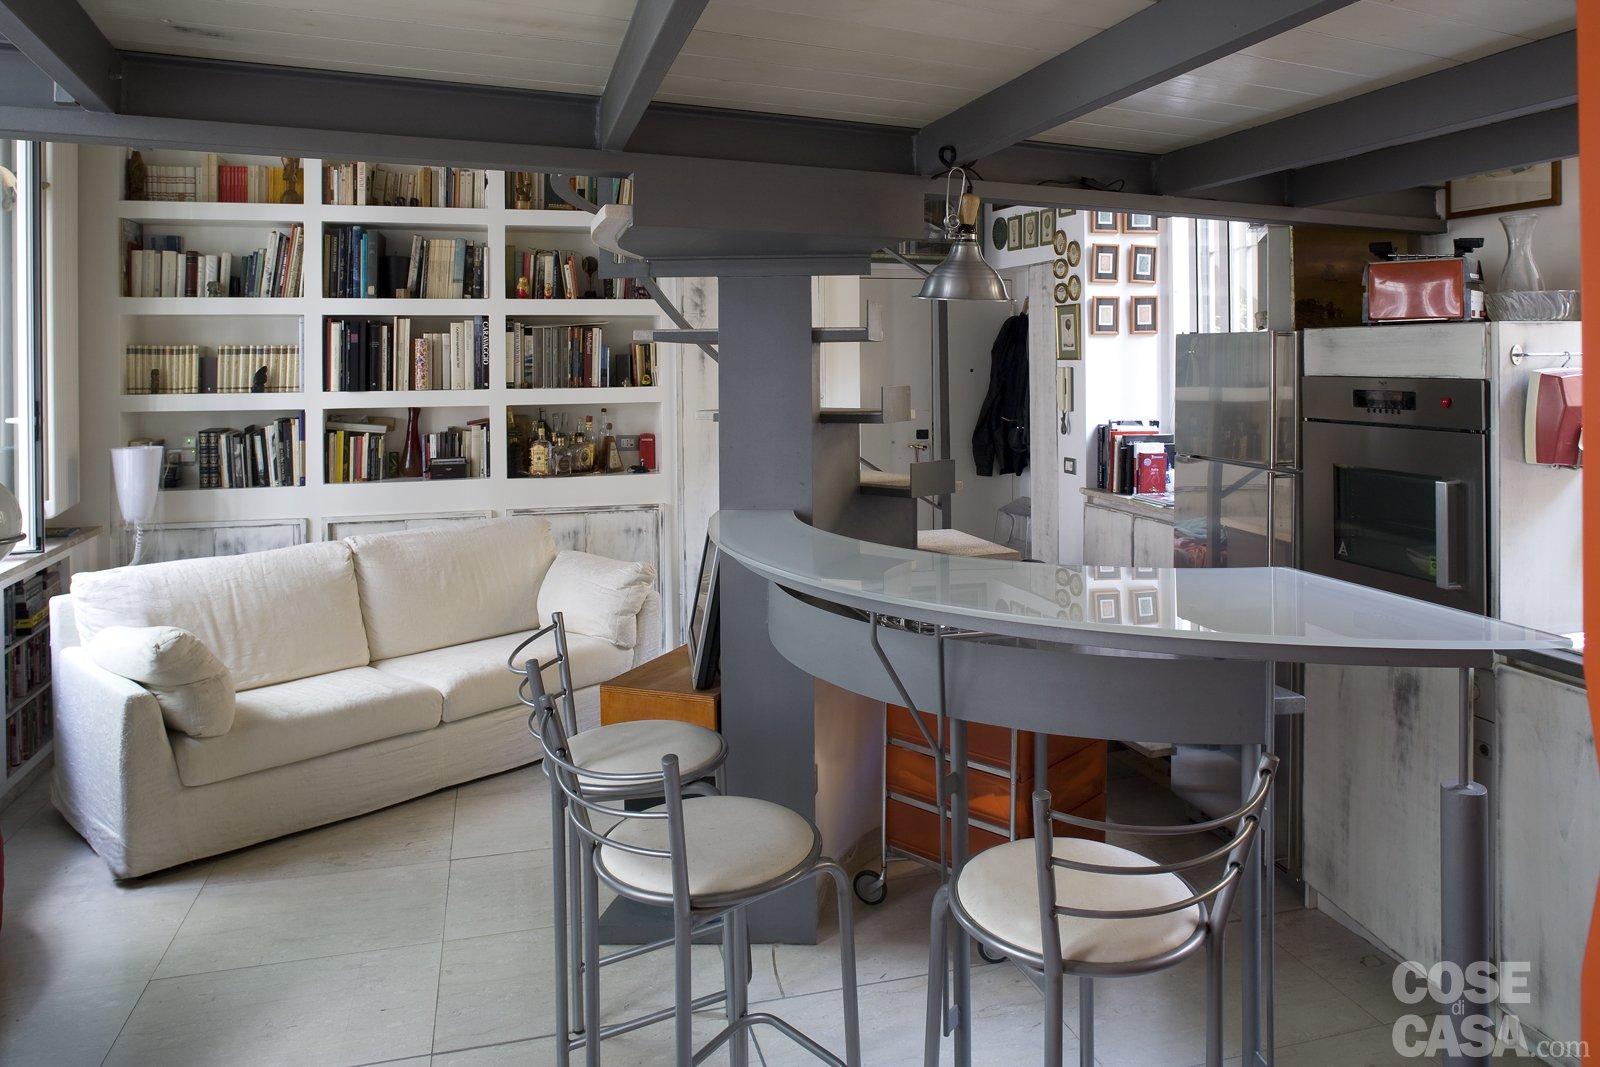 Casa piccola 43 mq soppalco per studio e cabina armadio - Casa piccola soluzioni ...